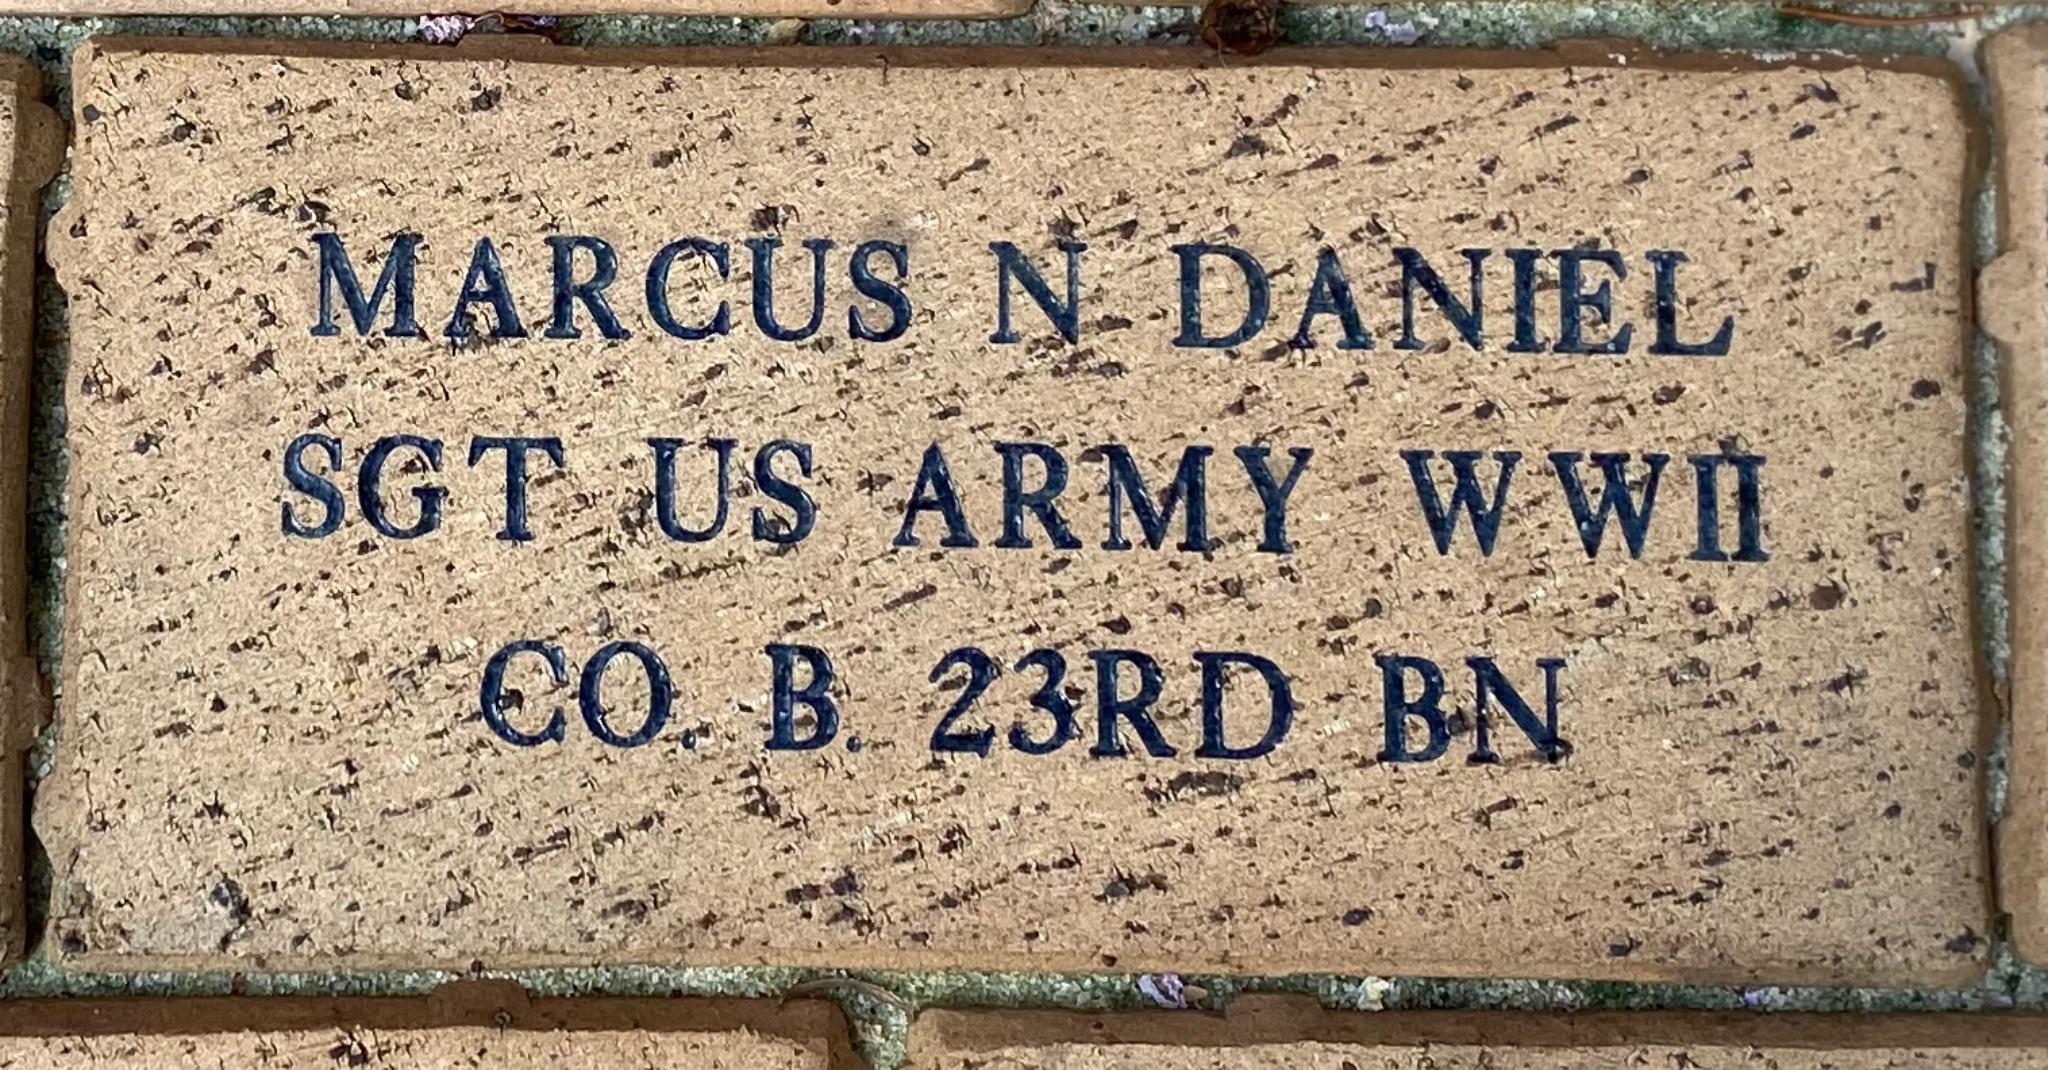 MARCUS N DANIEL SGT US ARMY WWII CO.B 23RD BN